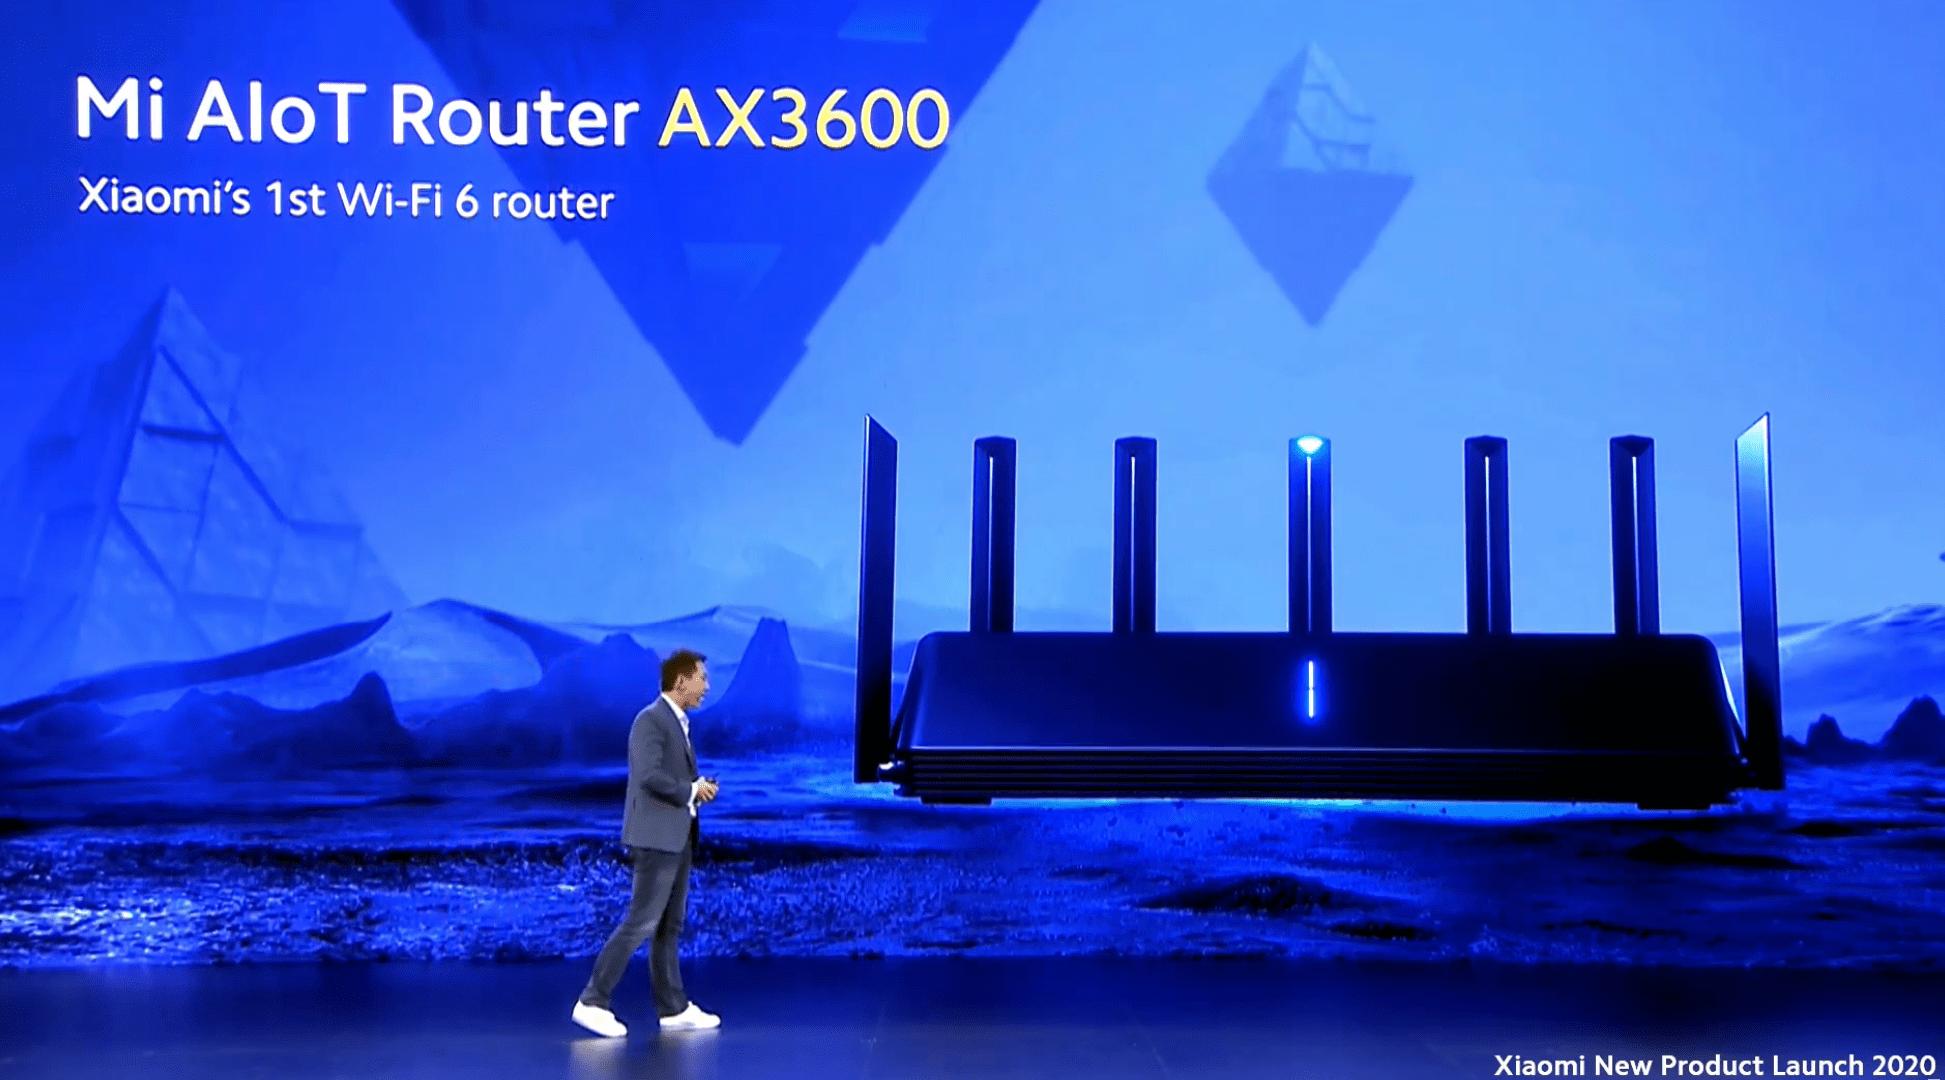 Xiaomi fait chuter le prix des routeurs Wi-Fi 6 avec le Mi AIoT Router AX3600